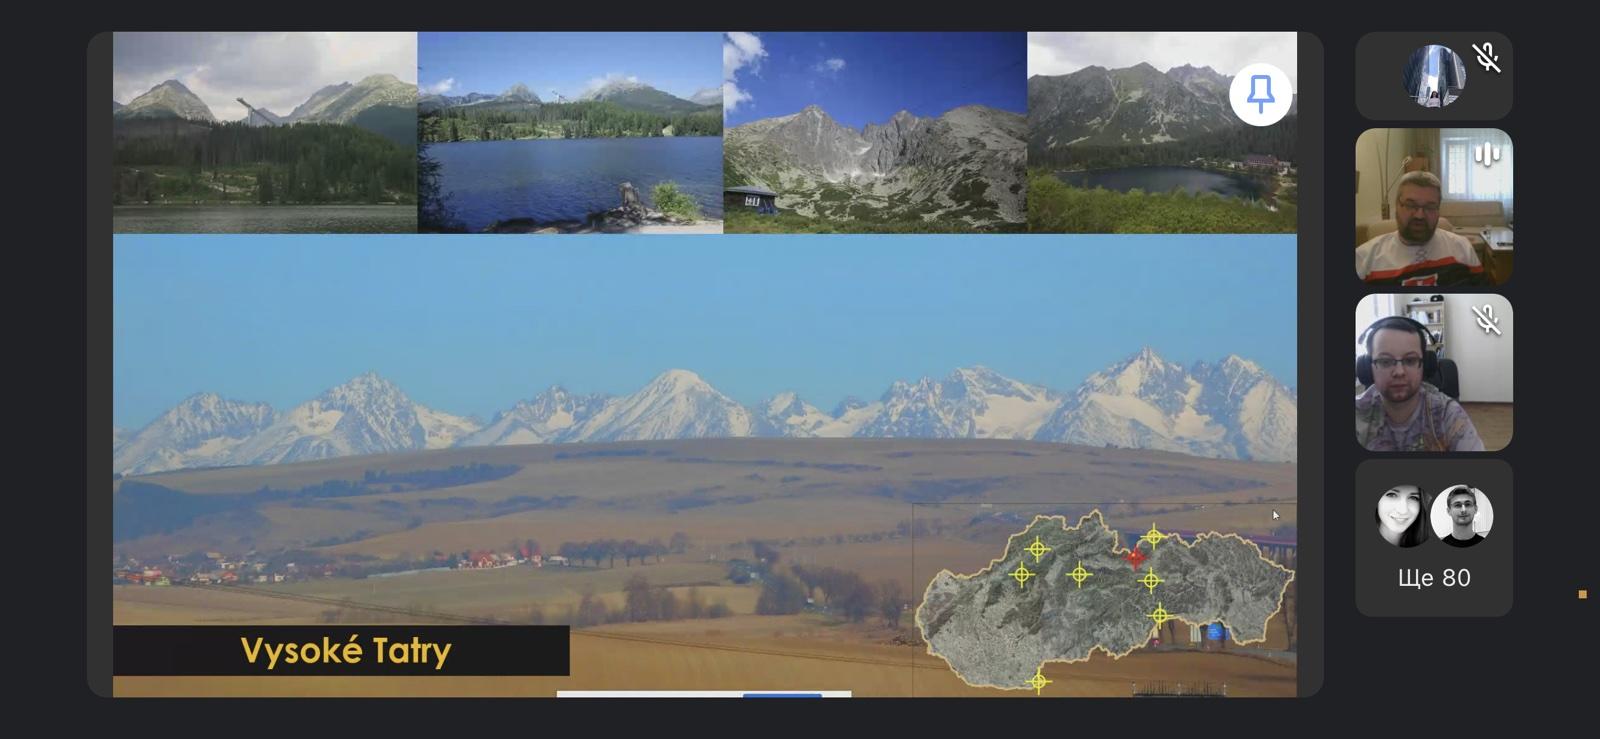 Віртуальну подорож Словаччиною зініціювала на філфаку лекторка словацької мови та культури Яна Кесселова